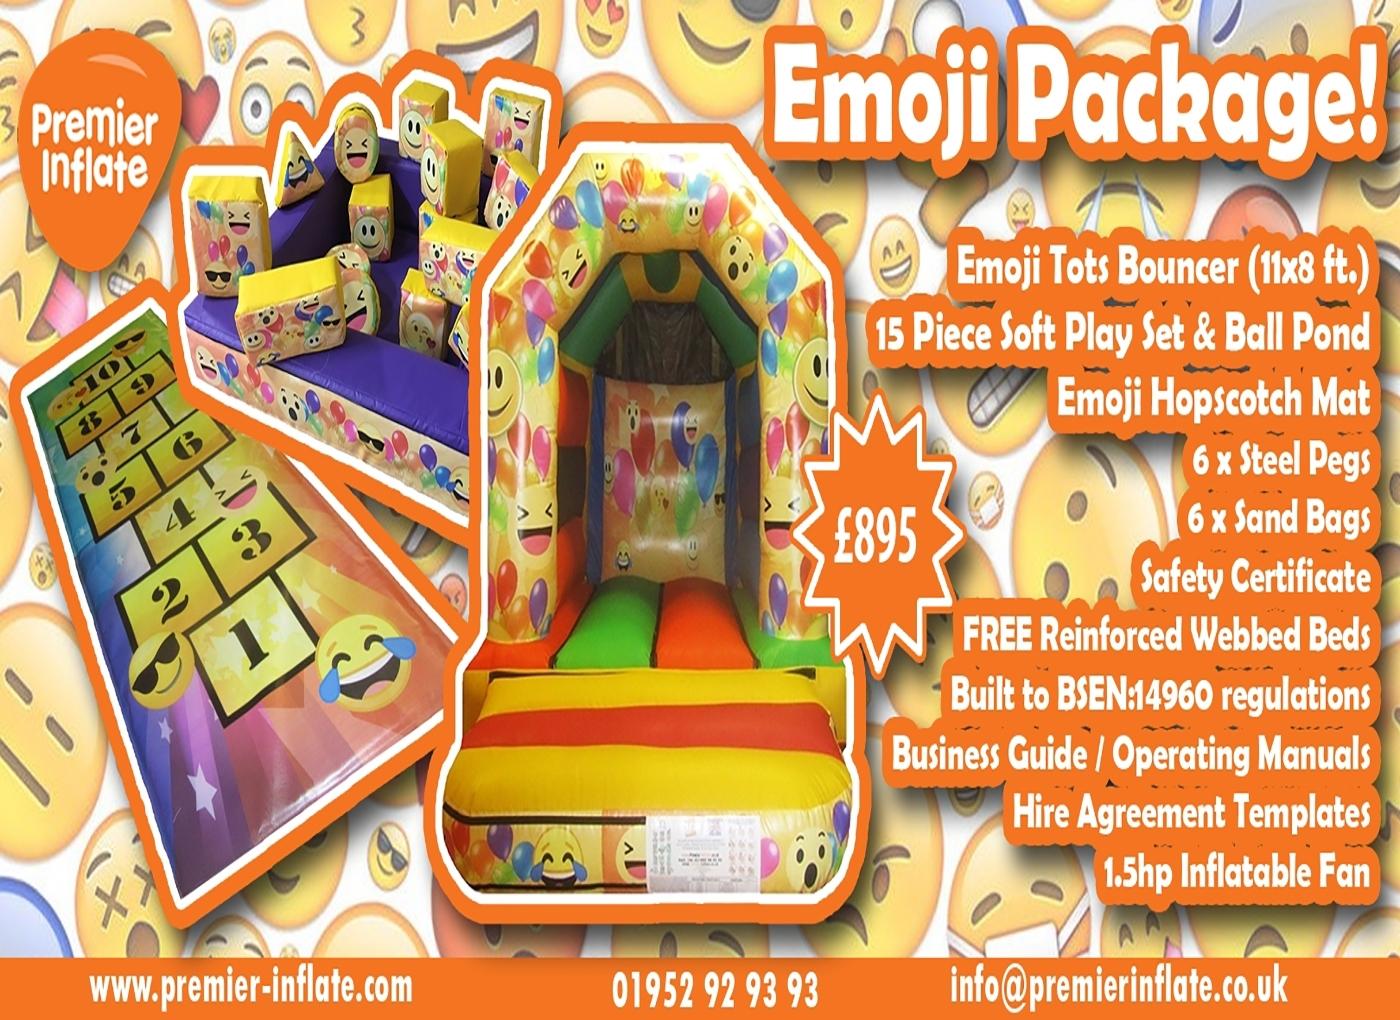 Emoji Package